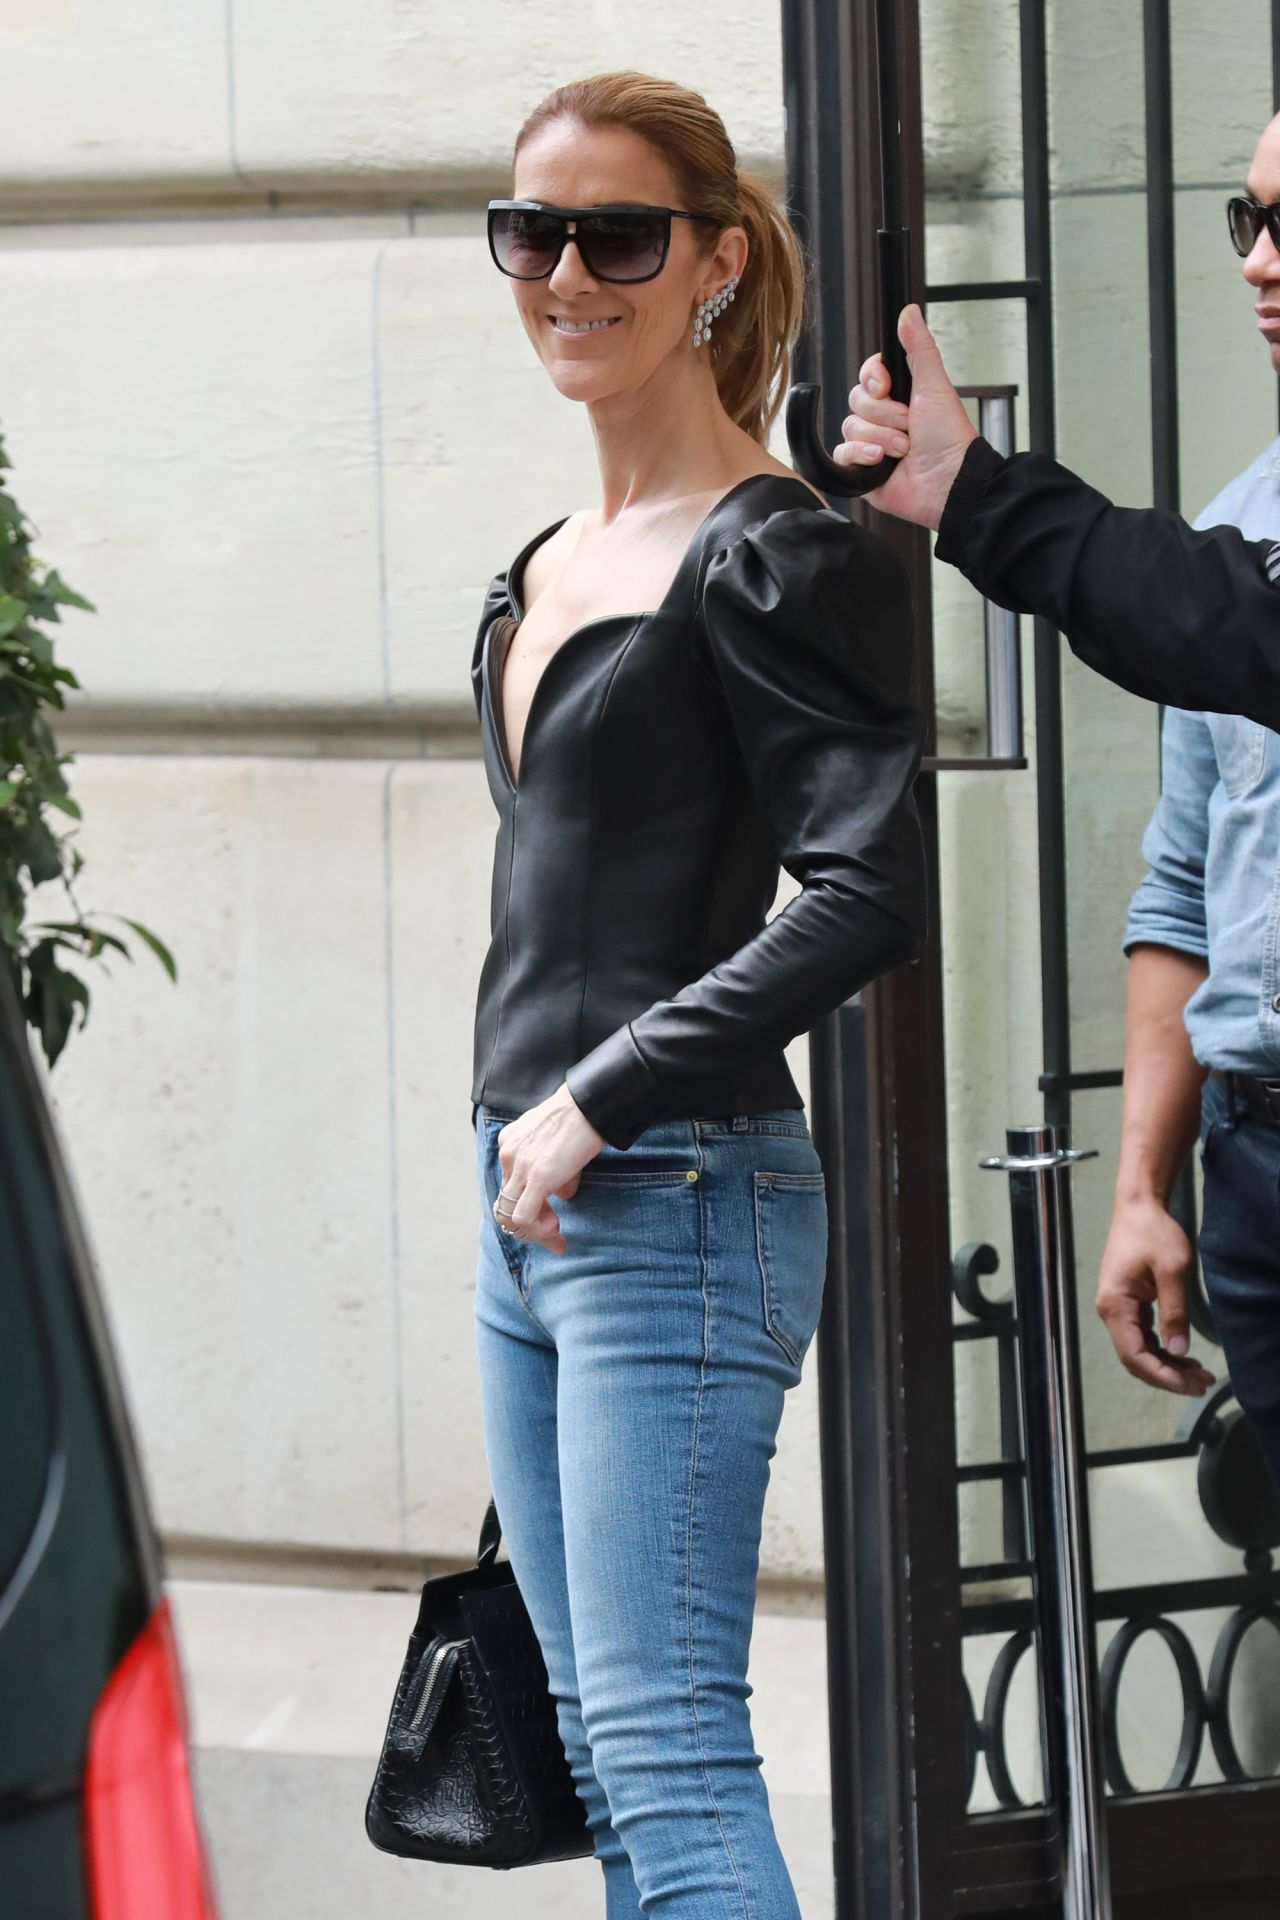 Celine Dion Royal Monceau Paris Hotel In Paris 07 10 2017